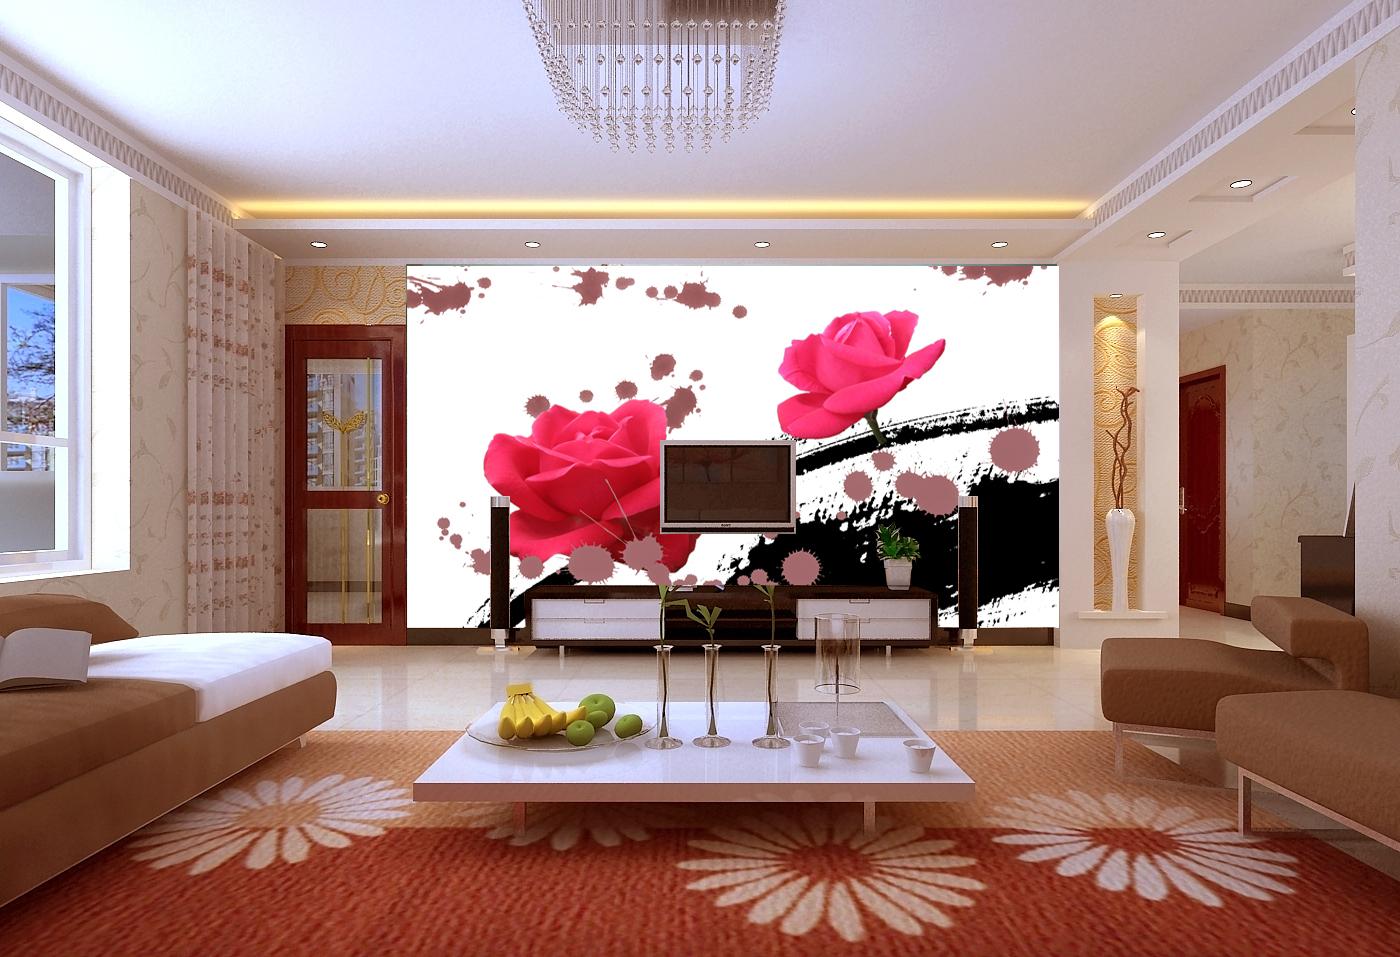 Mẫu tranh 3D phòng khách đẹp xuất thần chỉ có tại ở xưởng in tranh Thiên Hà - Mẫu aro-323-200x150